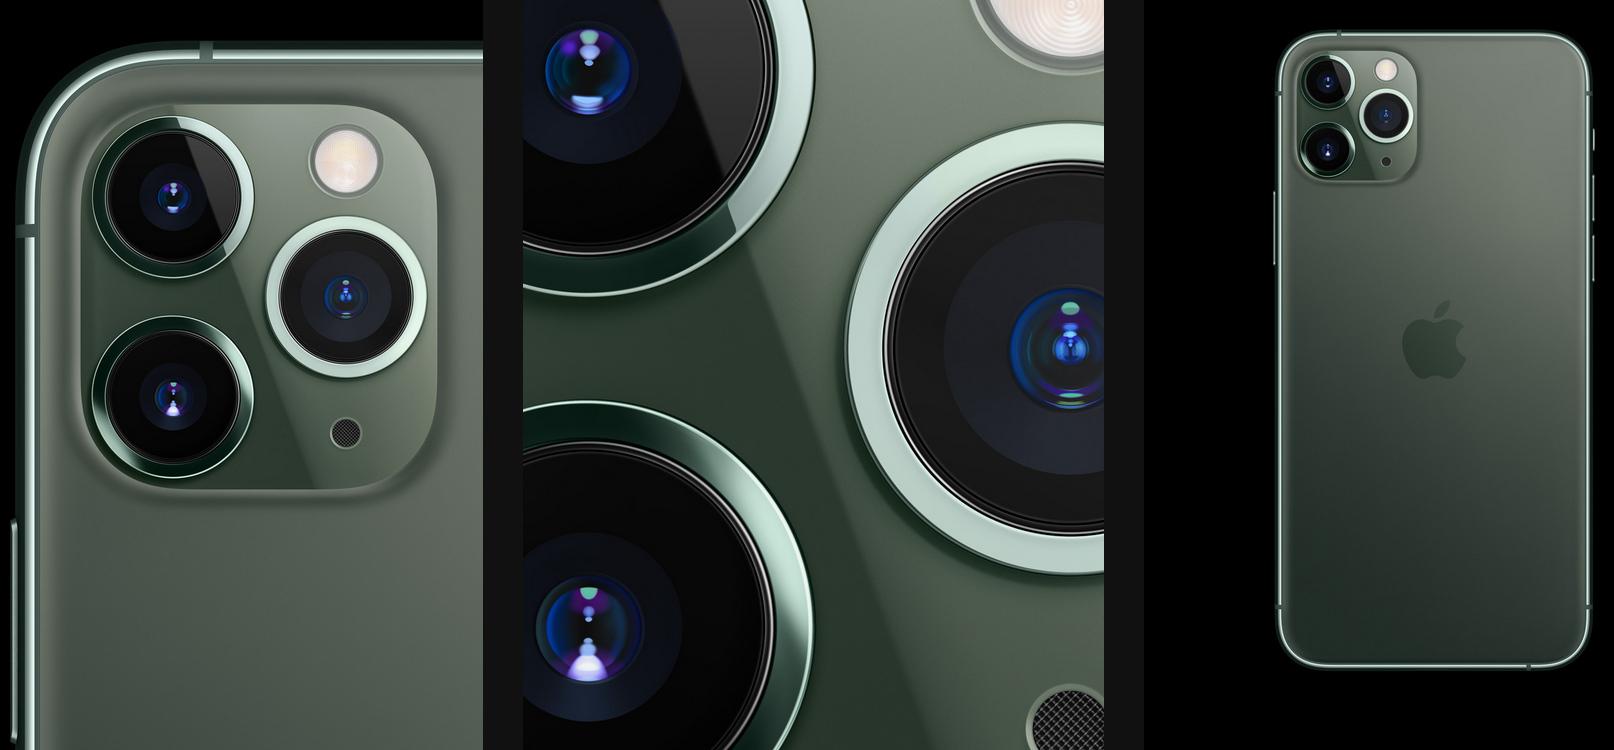 Az új Samsungok mind elverik az iPhone 11 Pro Max kameráját